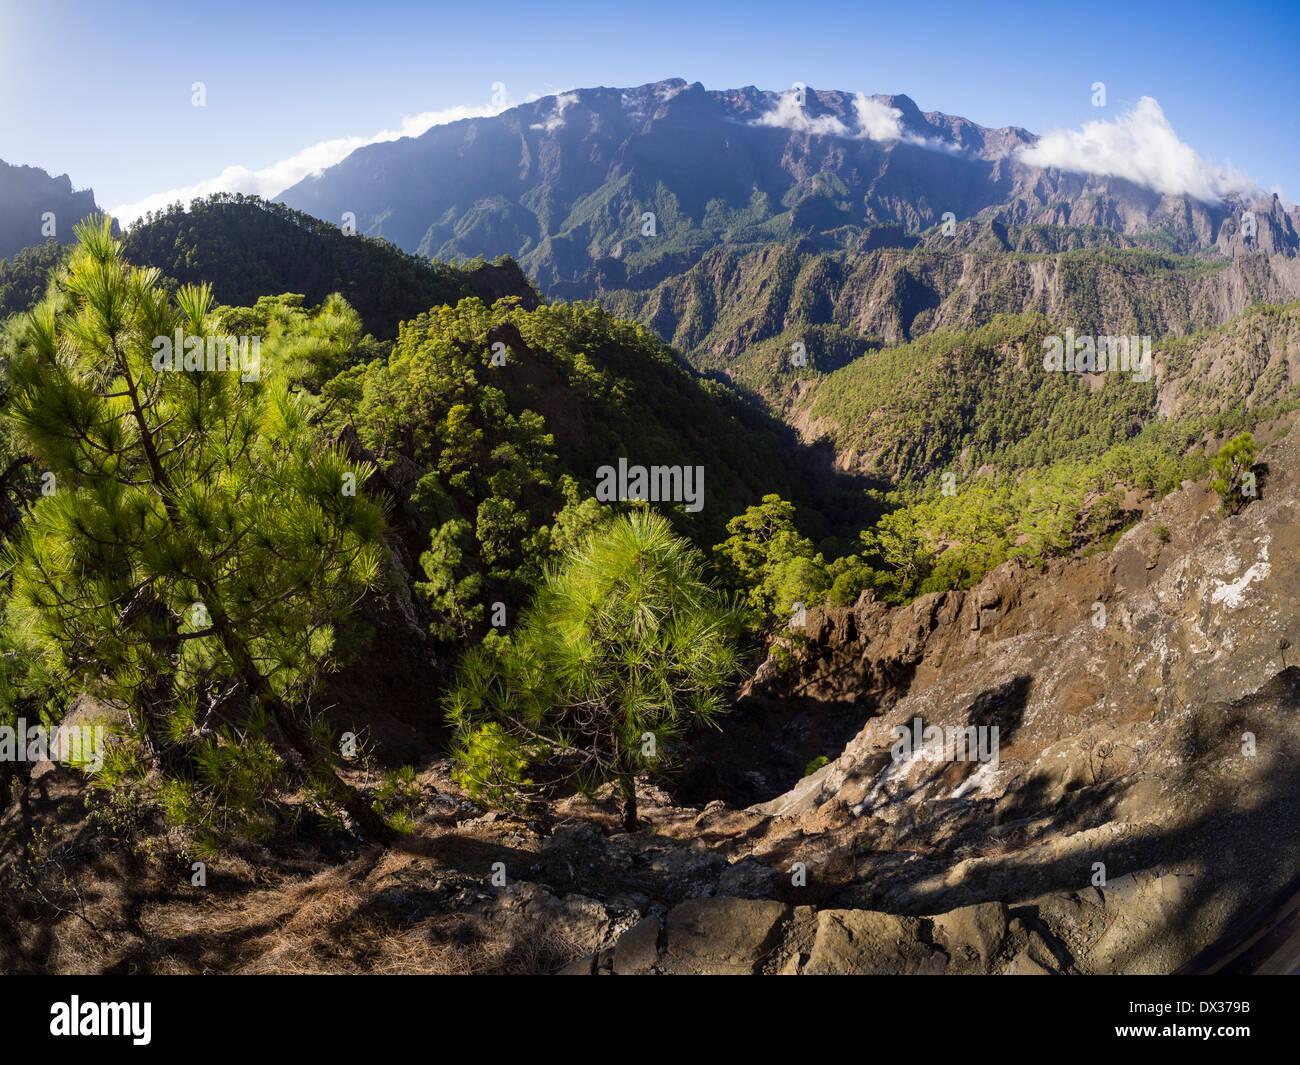 Die Caldera de Taburiente Landschaft, gesehen aus der Sicht der Mirador de Los Roques. Stockbild